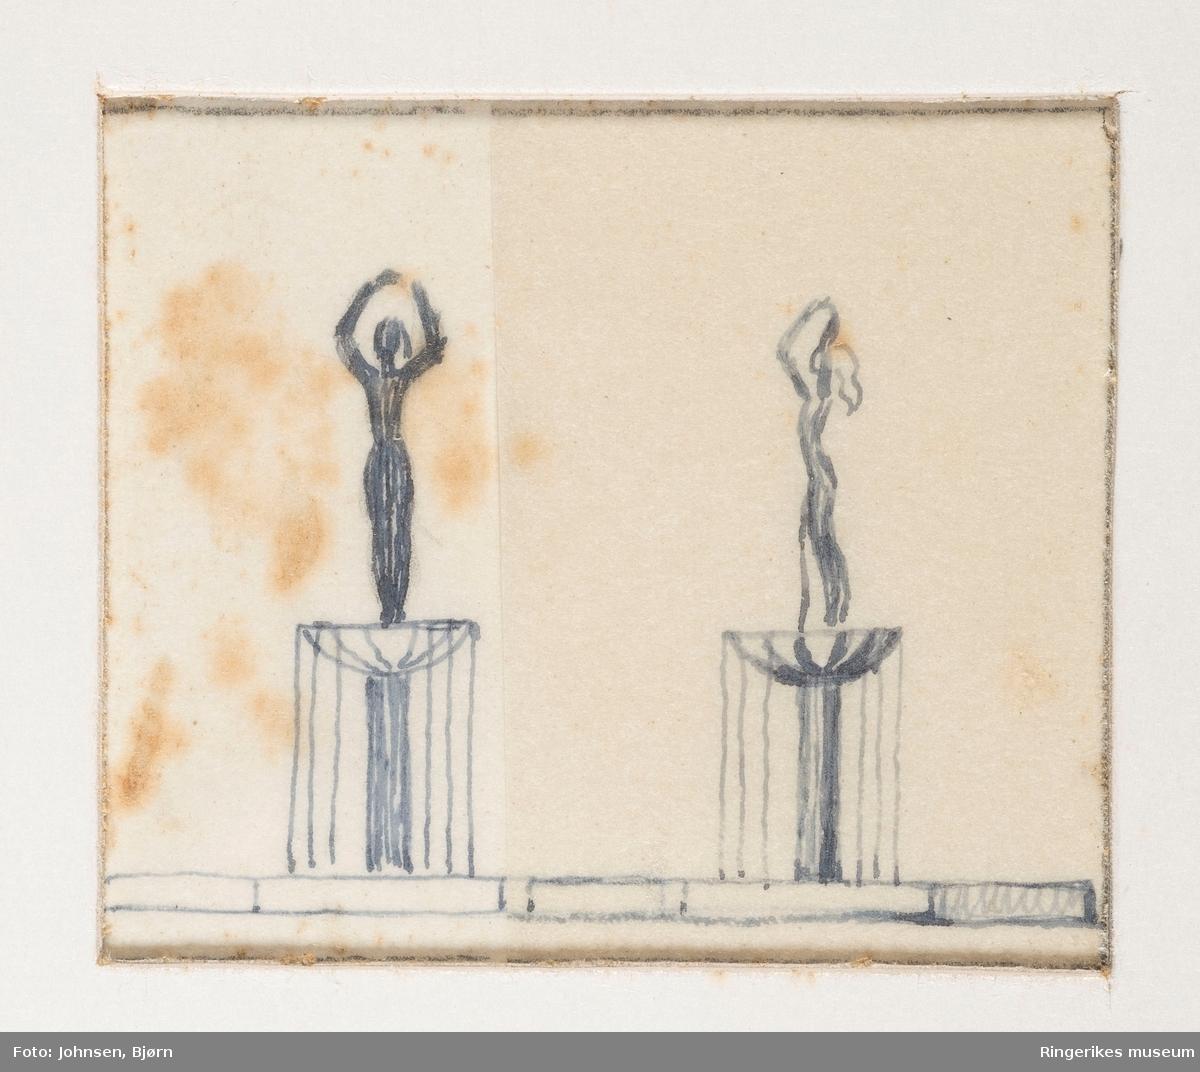 Tegning av Ståle Kyllingstad. To skisser av Ringerikspiken. Skulpuren står nå ved kraftstasjonen nær Hønefossen. Skulpturen ble laget i 1951 og innviet i 1952